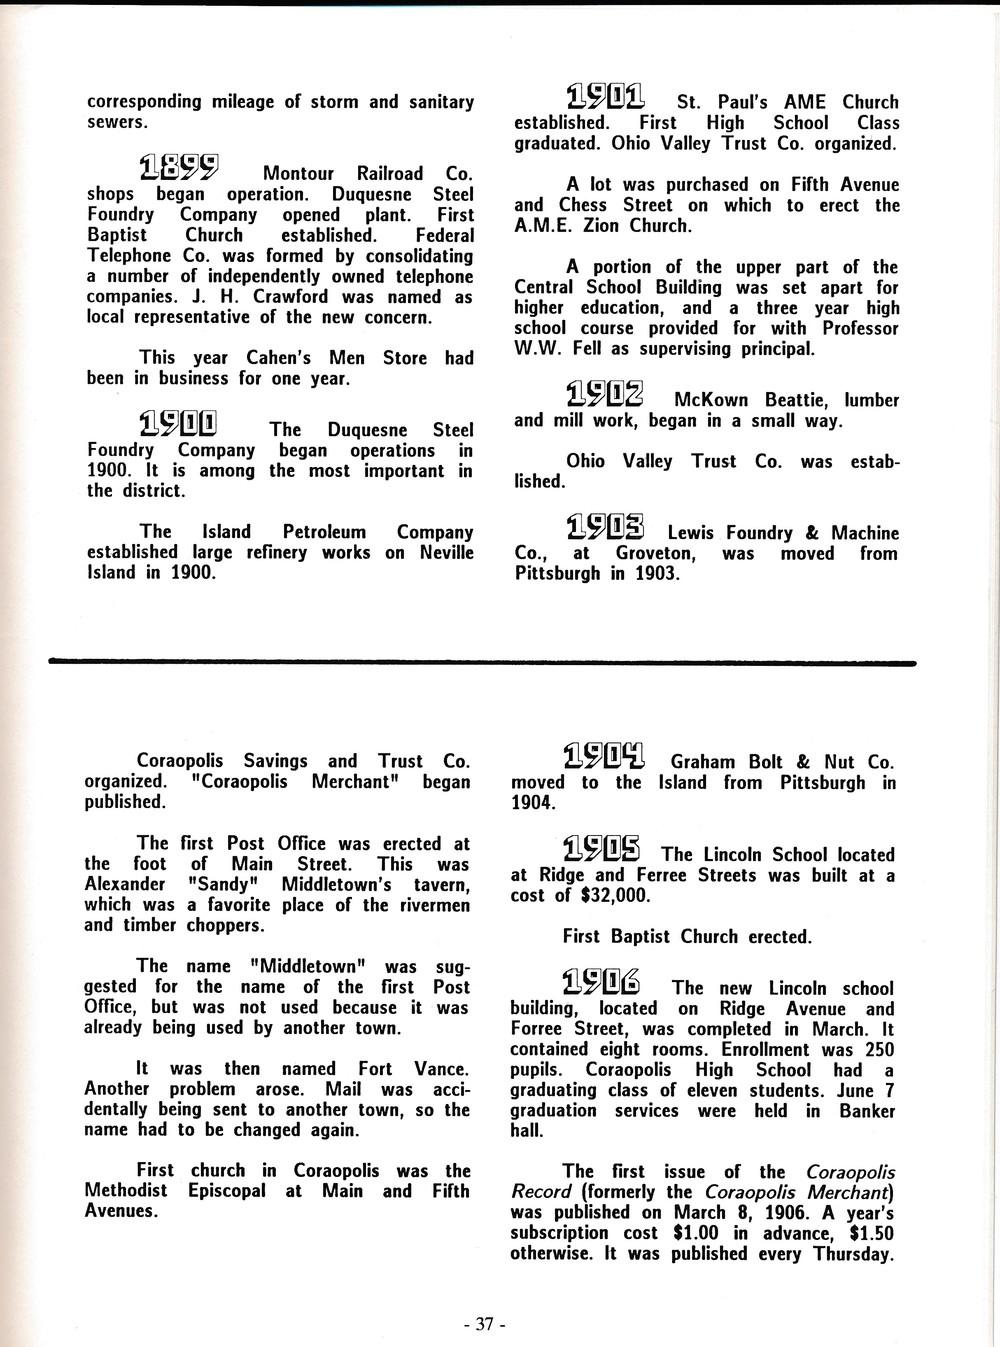 Coraopolis Centennial Booklet (39).jpg